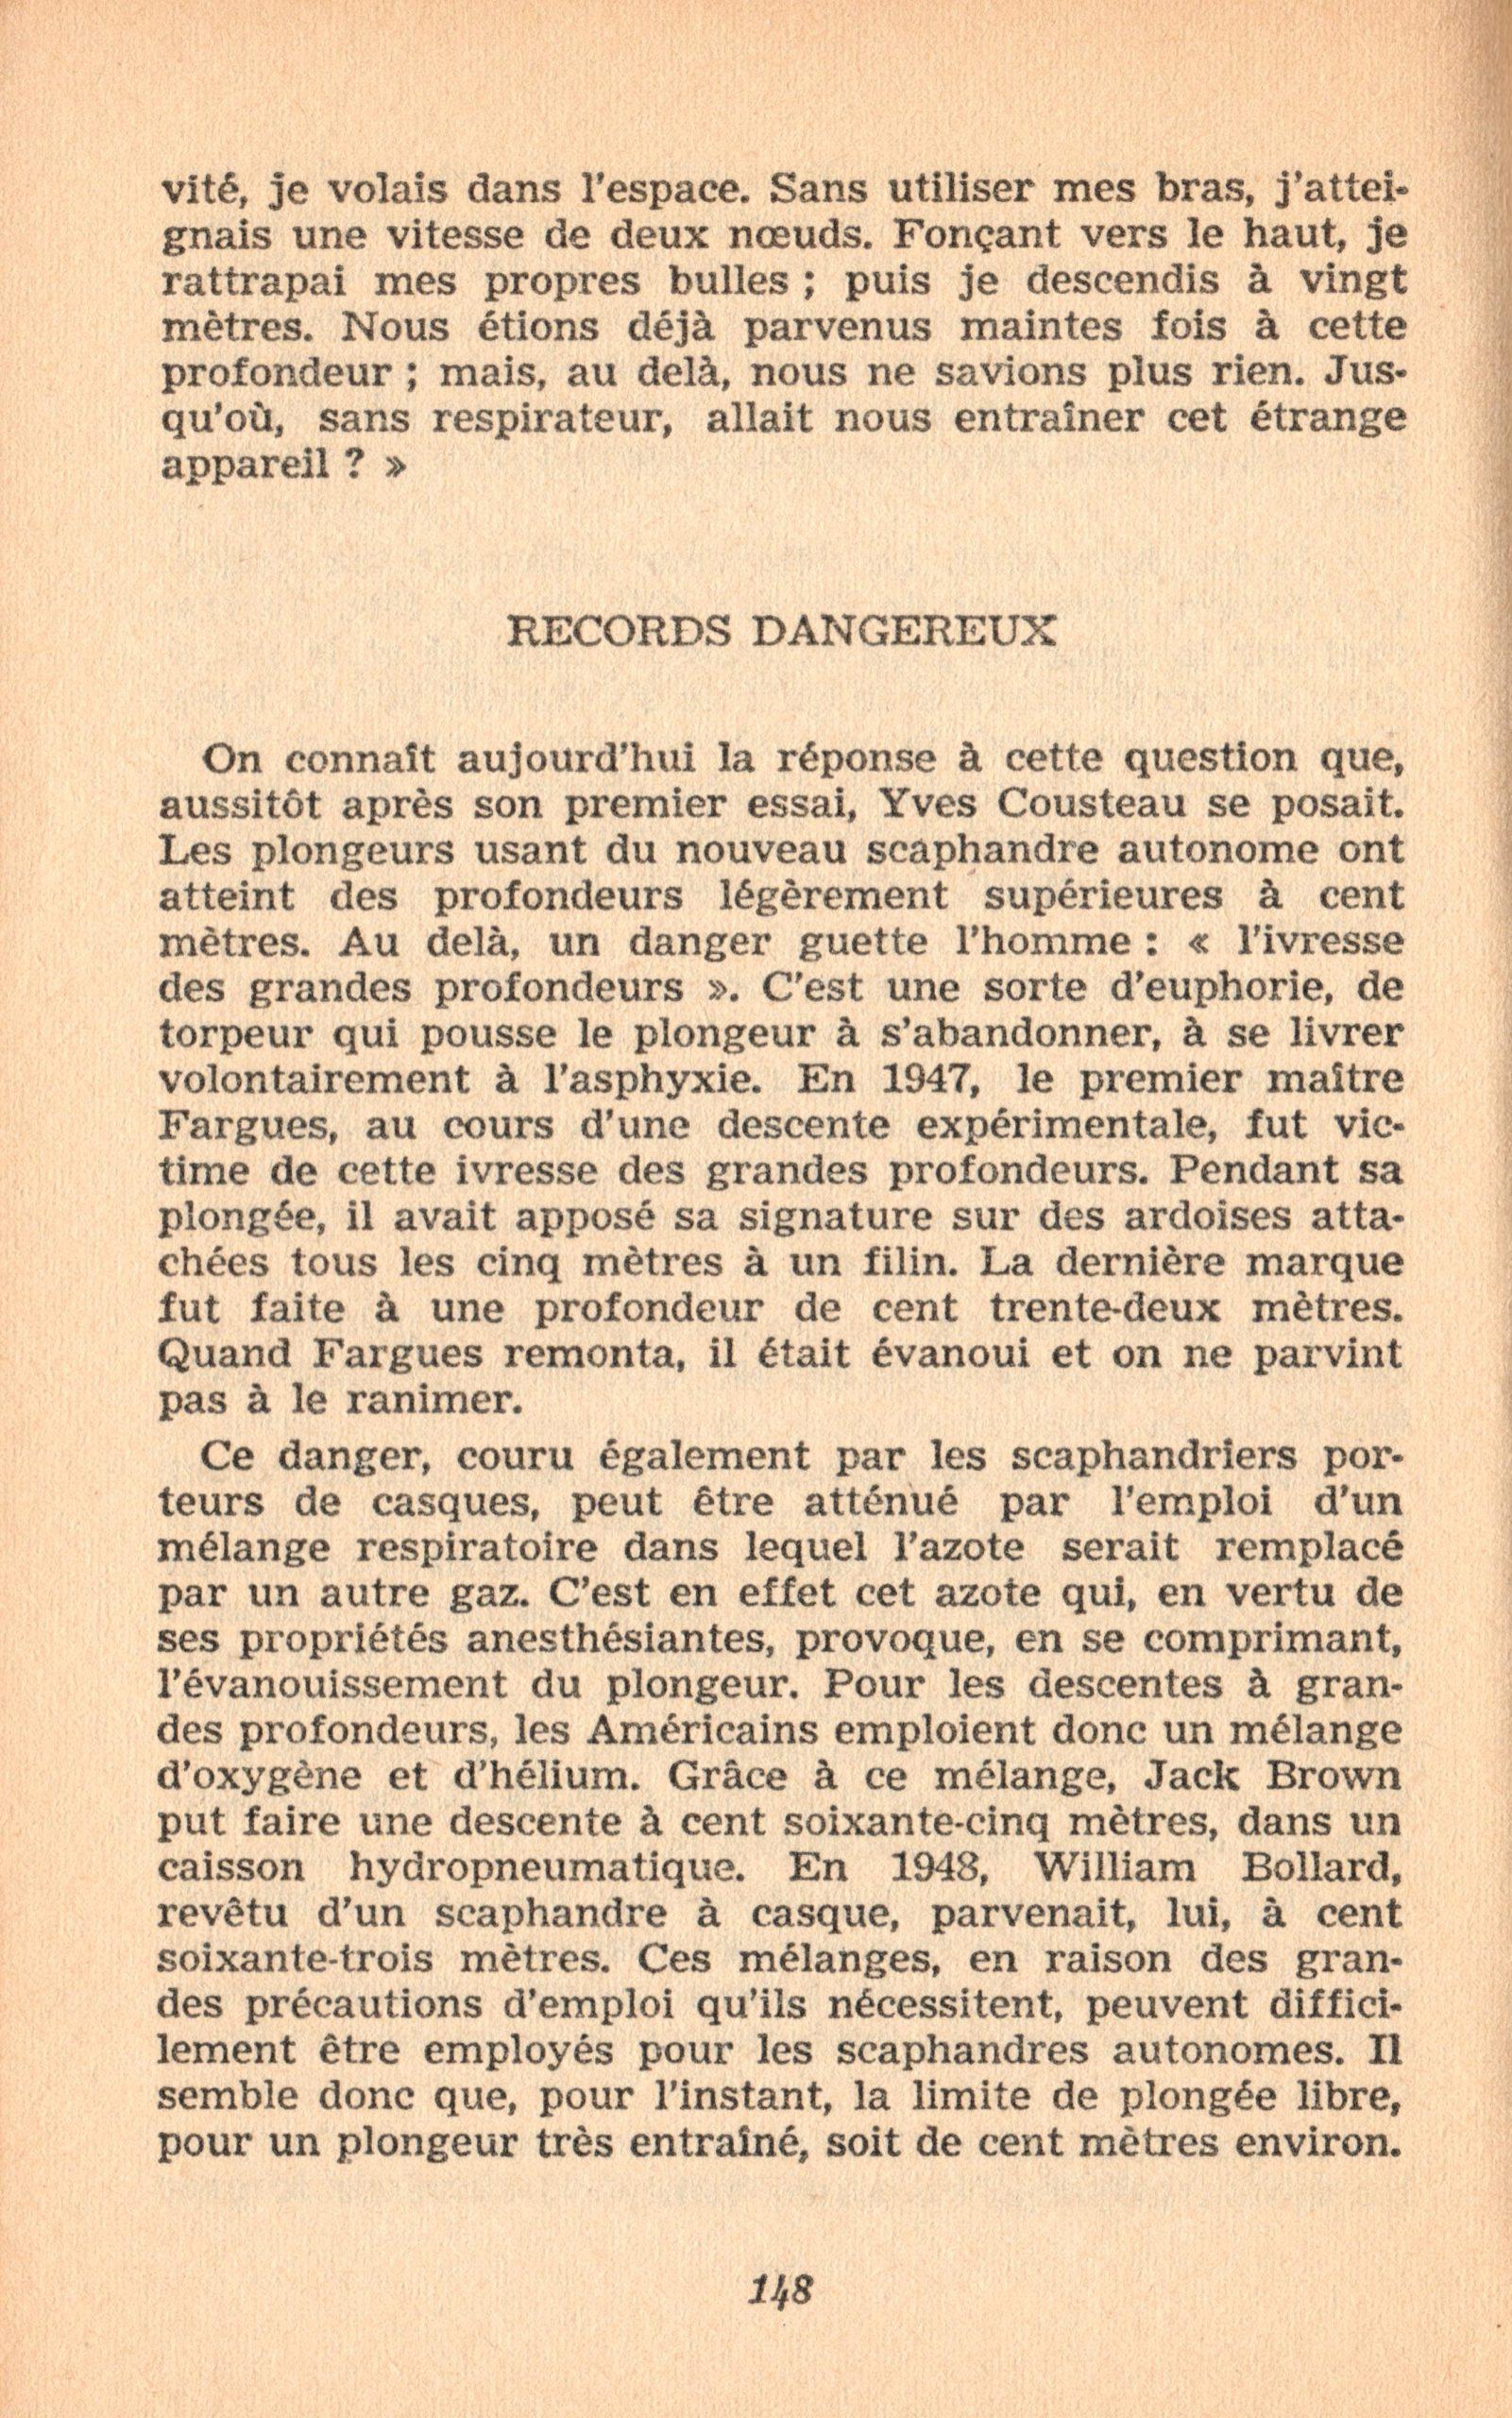 p148, La conquête des fonds sous-marins, marabout chercheur